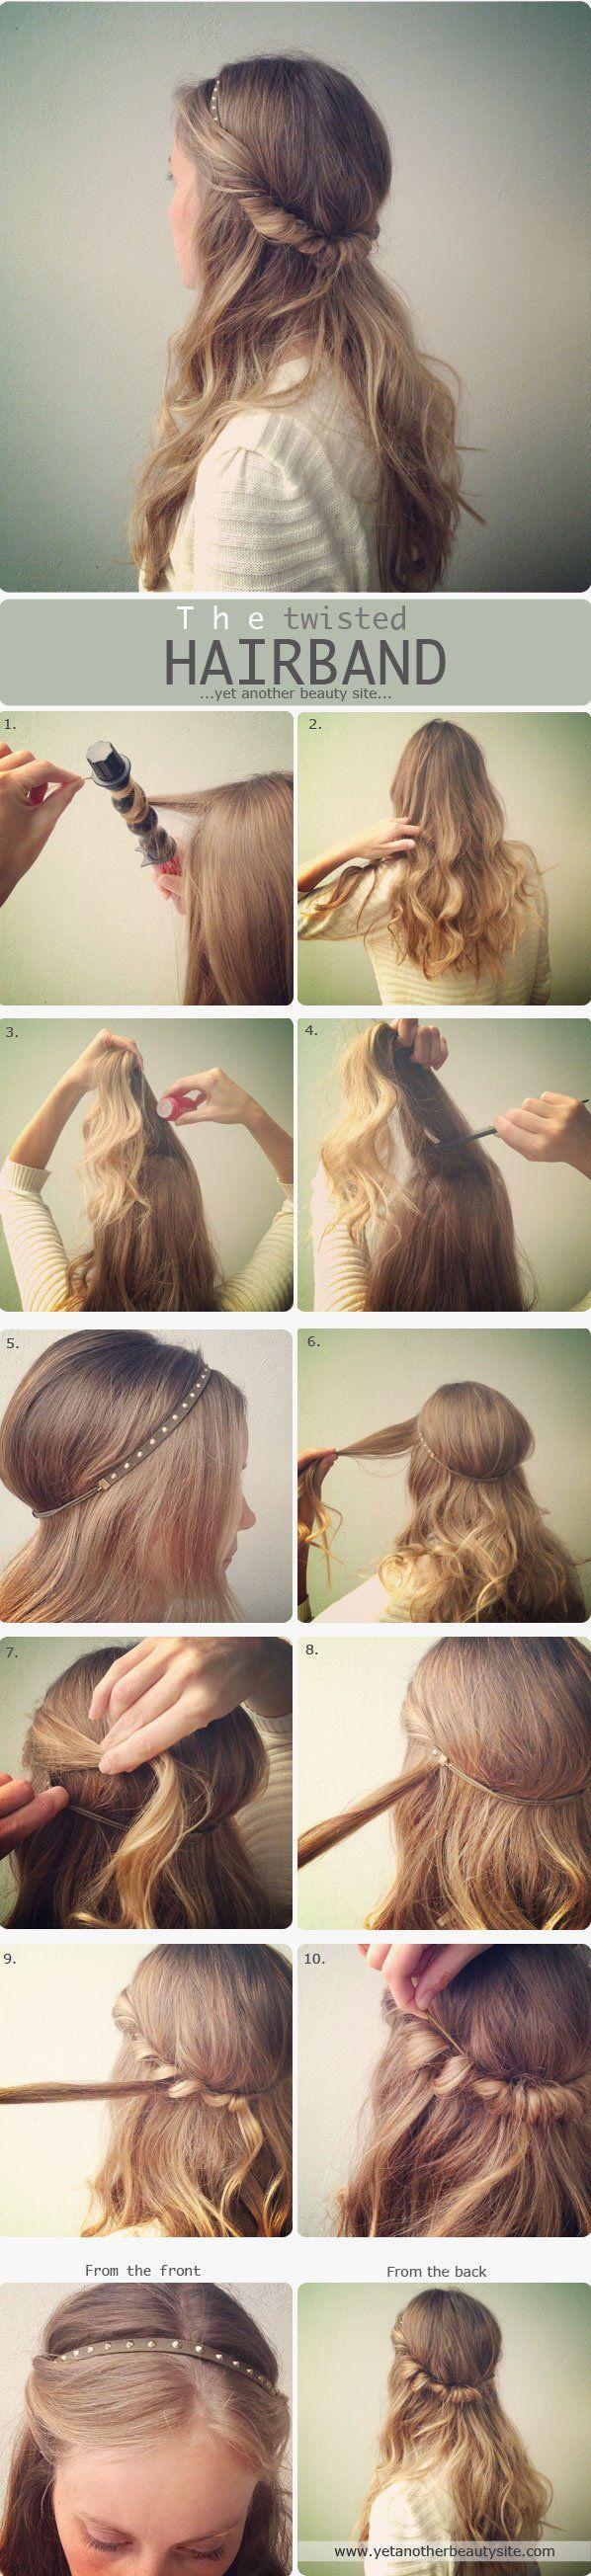 Schöne Frisur Idee für Fotoshooting